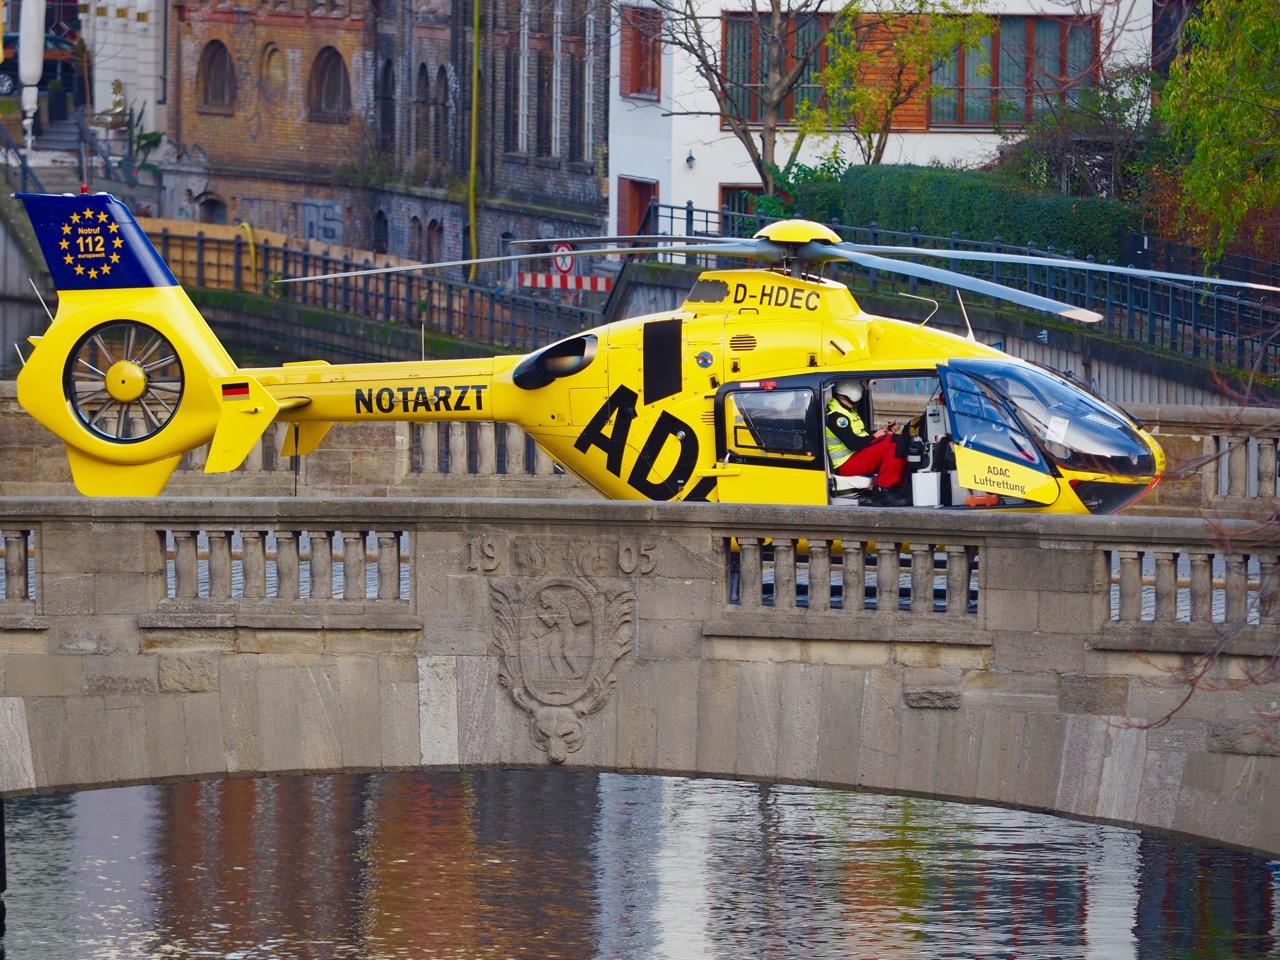 Rettungshubschrauber Berlin-Mitte in Nähe Spittelmarkt - Foto: arts4PR by Thomas J. Jandke